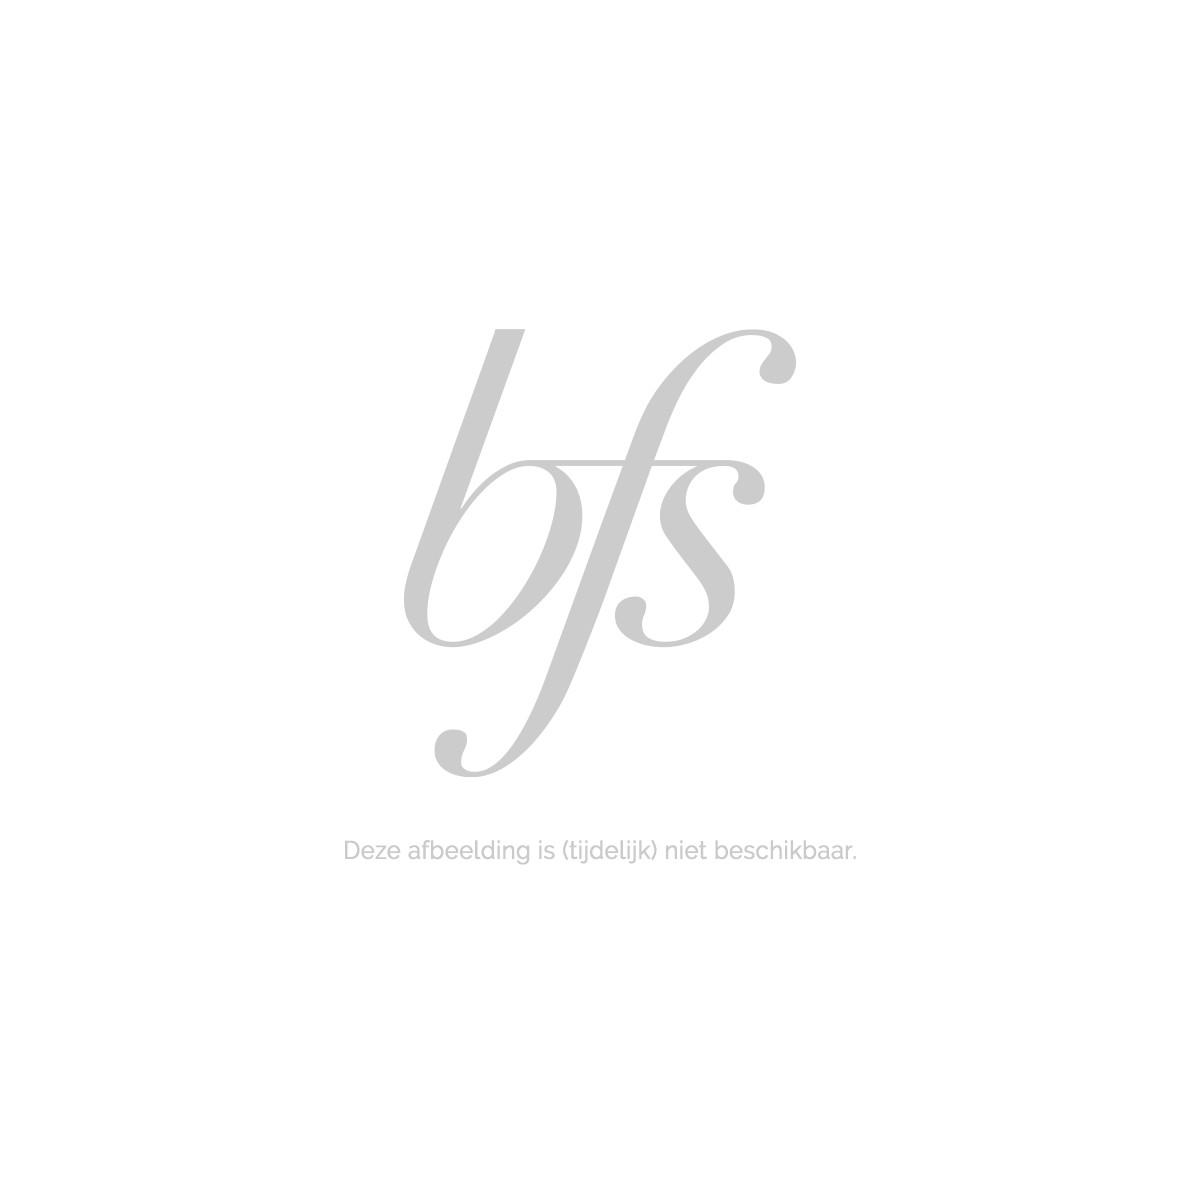 Rimmel 60 Seconds Supershine Nailpolish Rita Ora Collection 413 Oragina